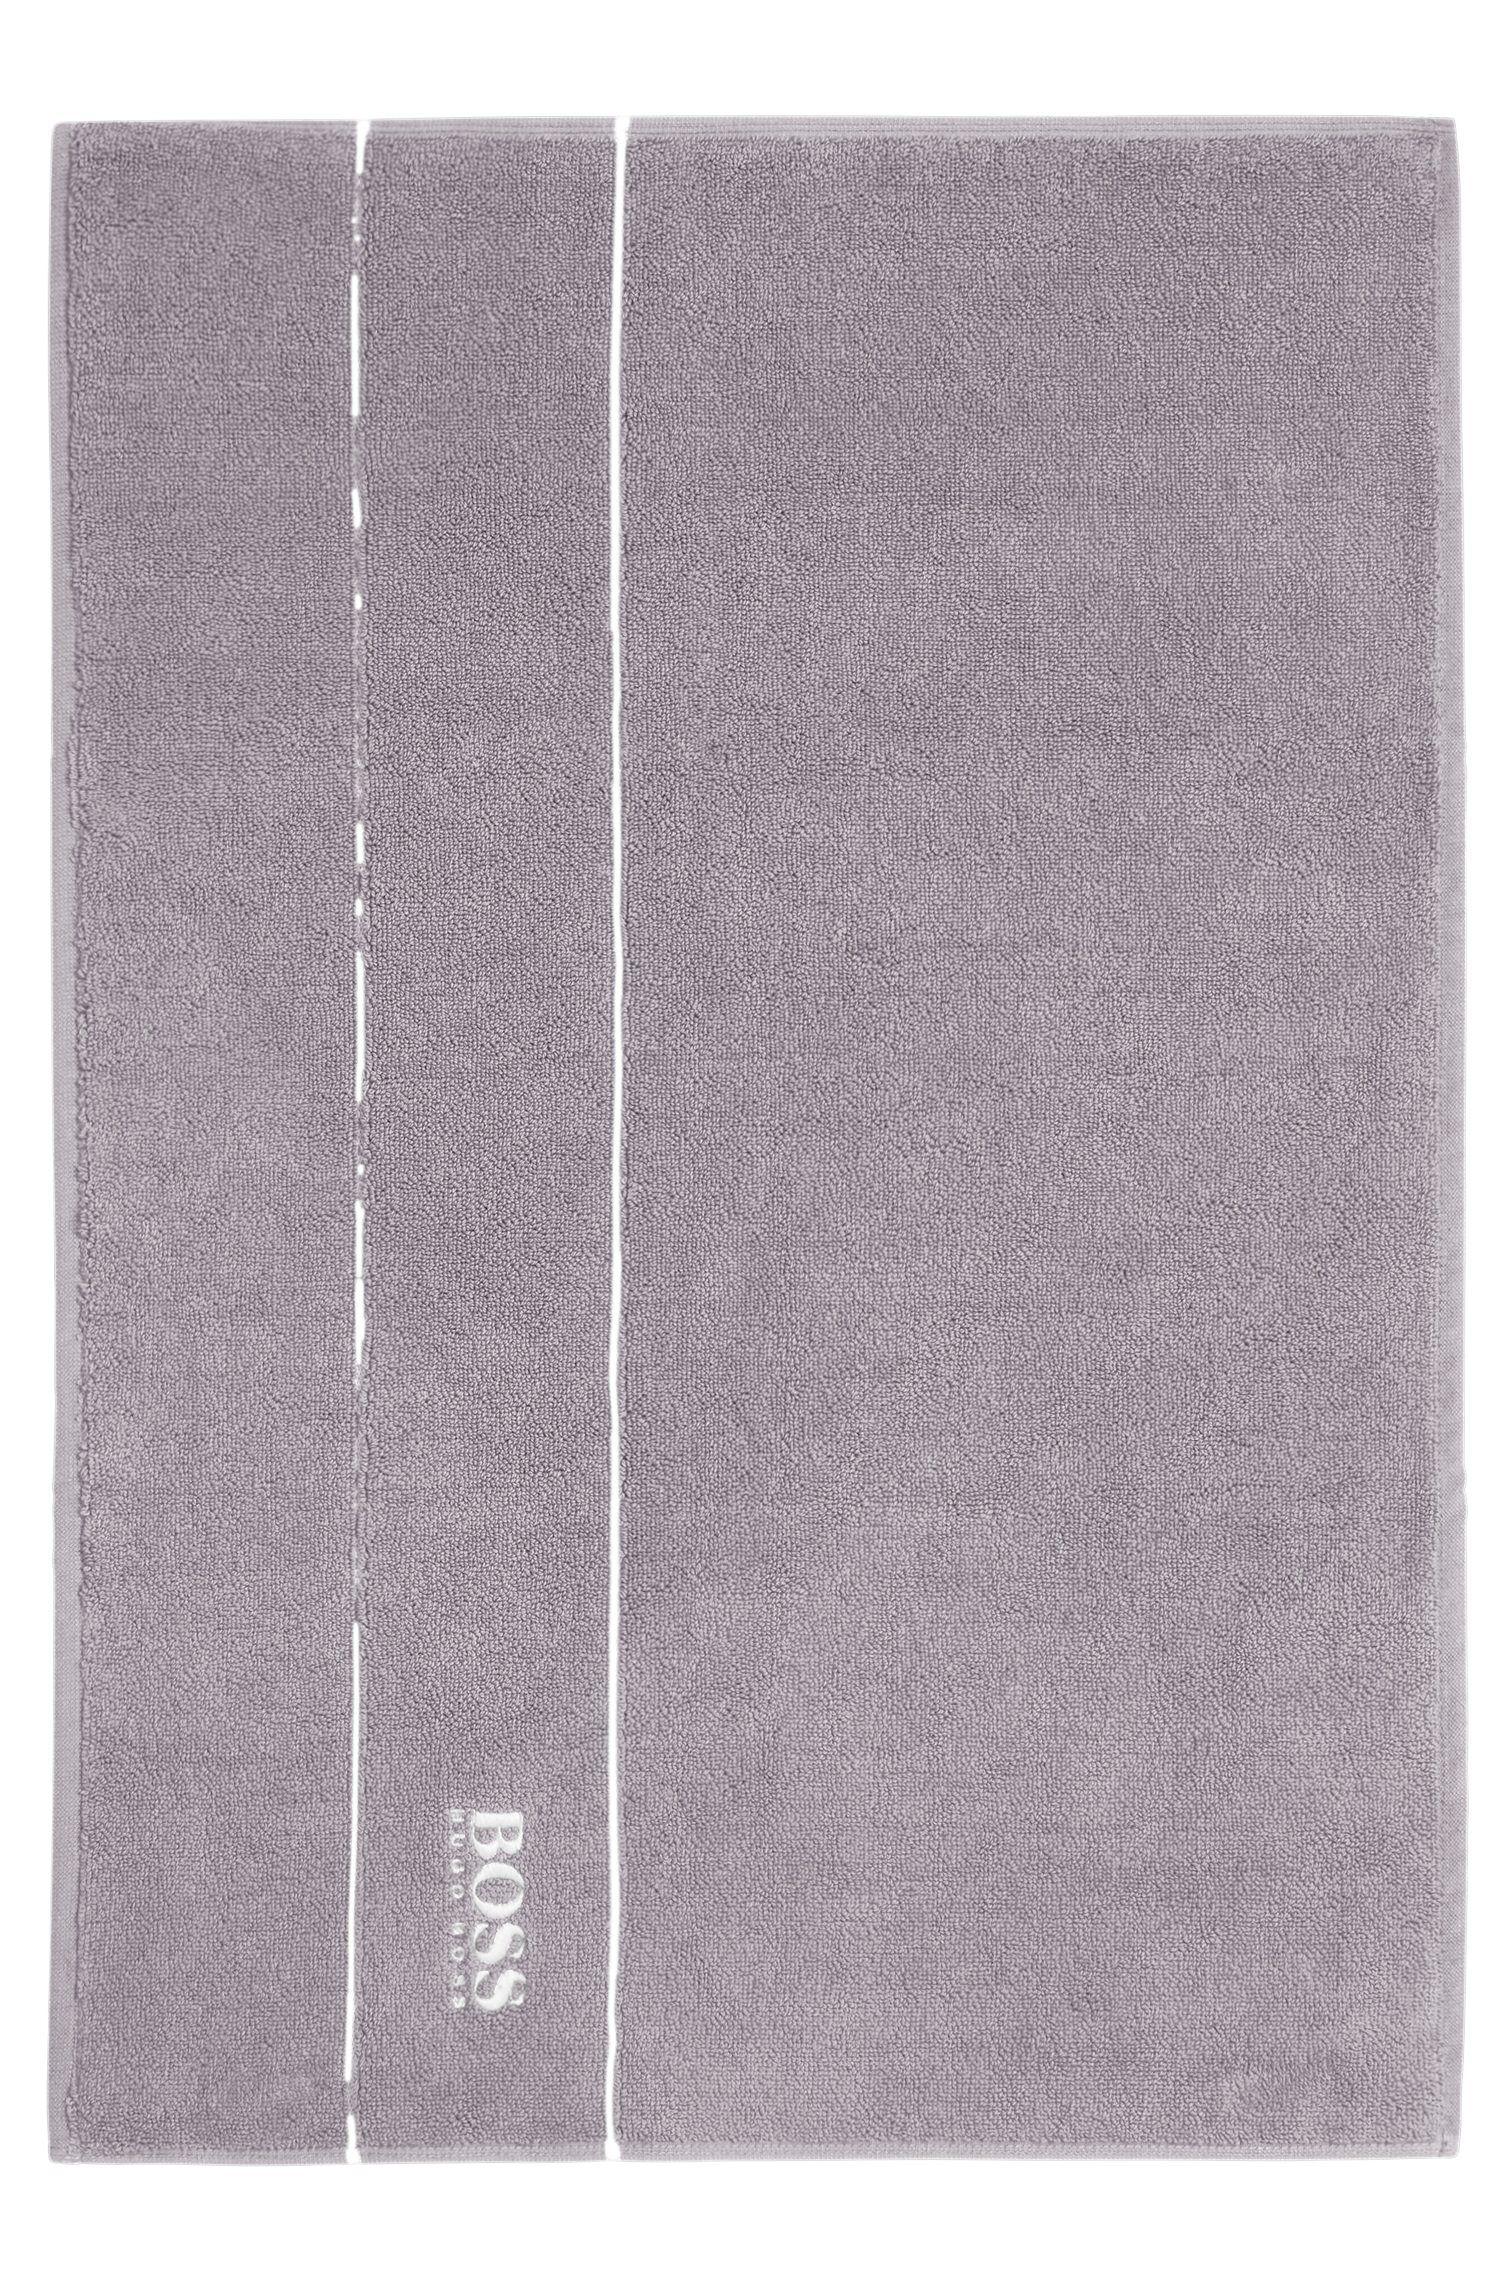 Tapis de bain en coton égyptien des plus raffinés avec bordure logo, Gris sombre